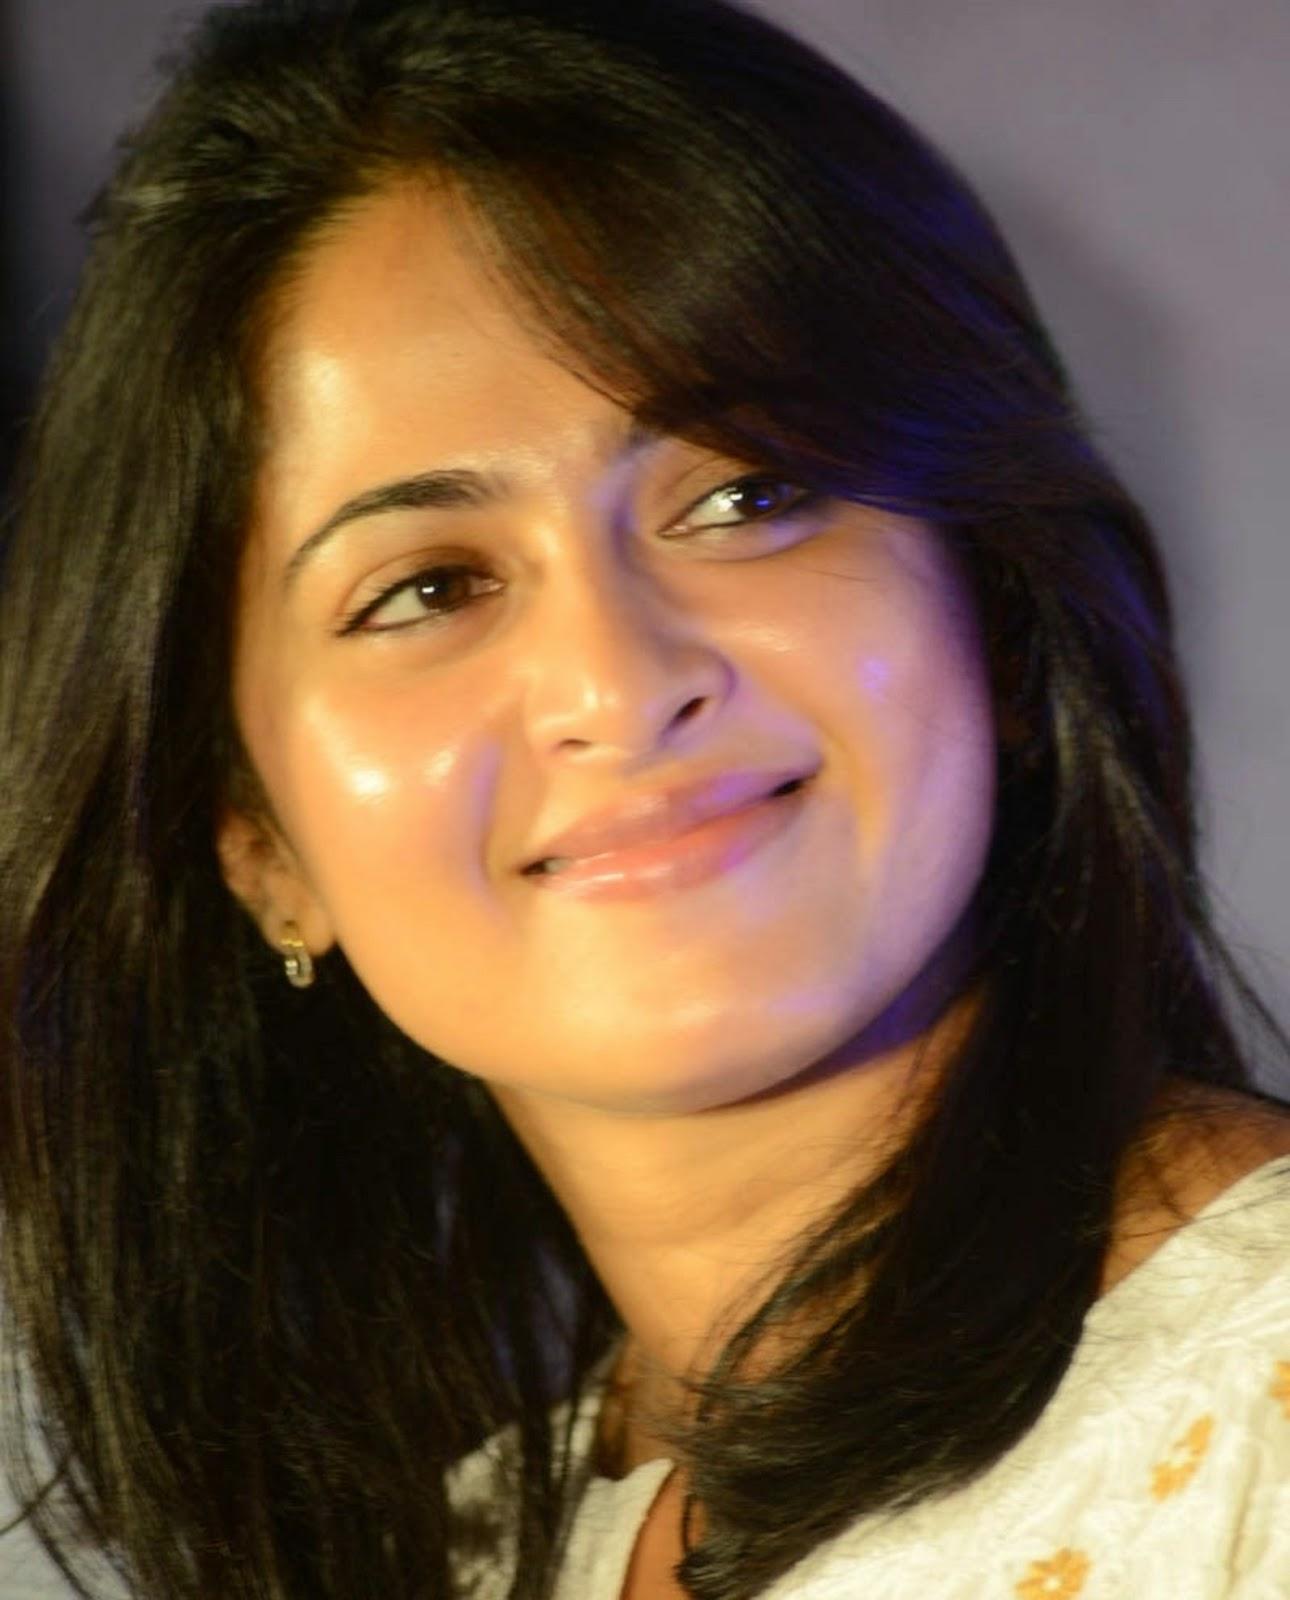 Looking Good Wallpaper: Good Looking Tamil Actress Anushka Shetty HD Wallpaper